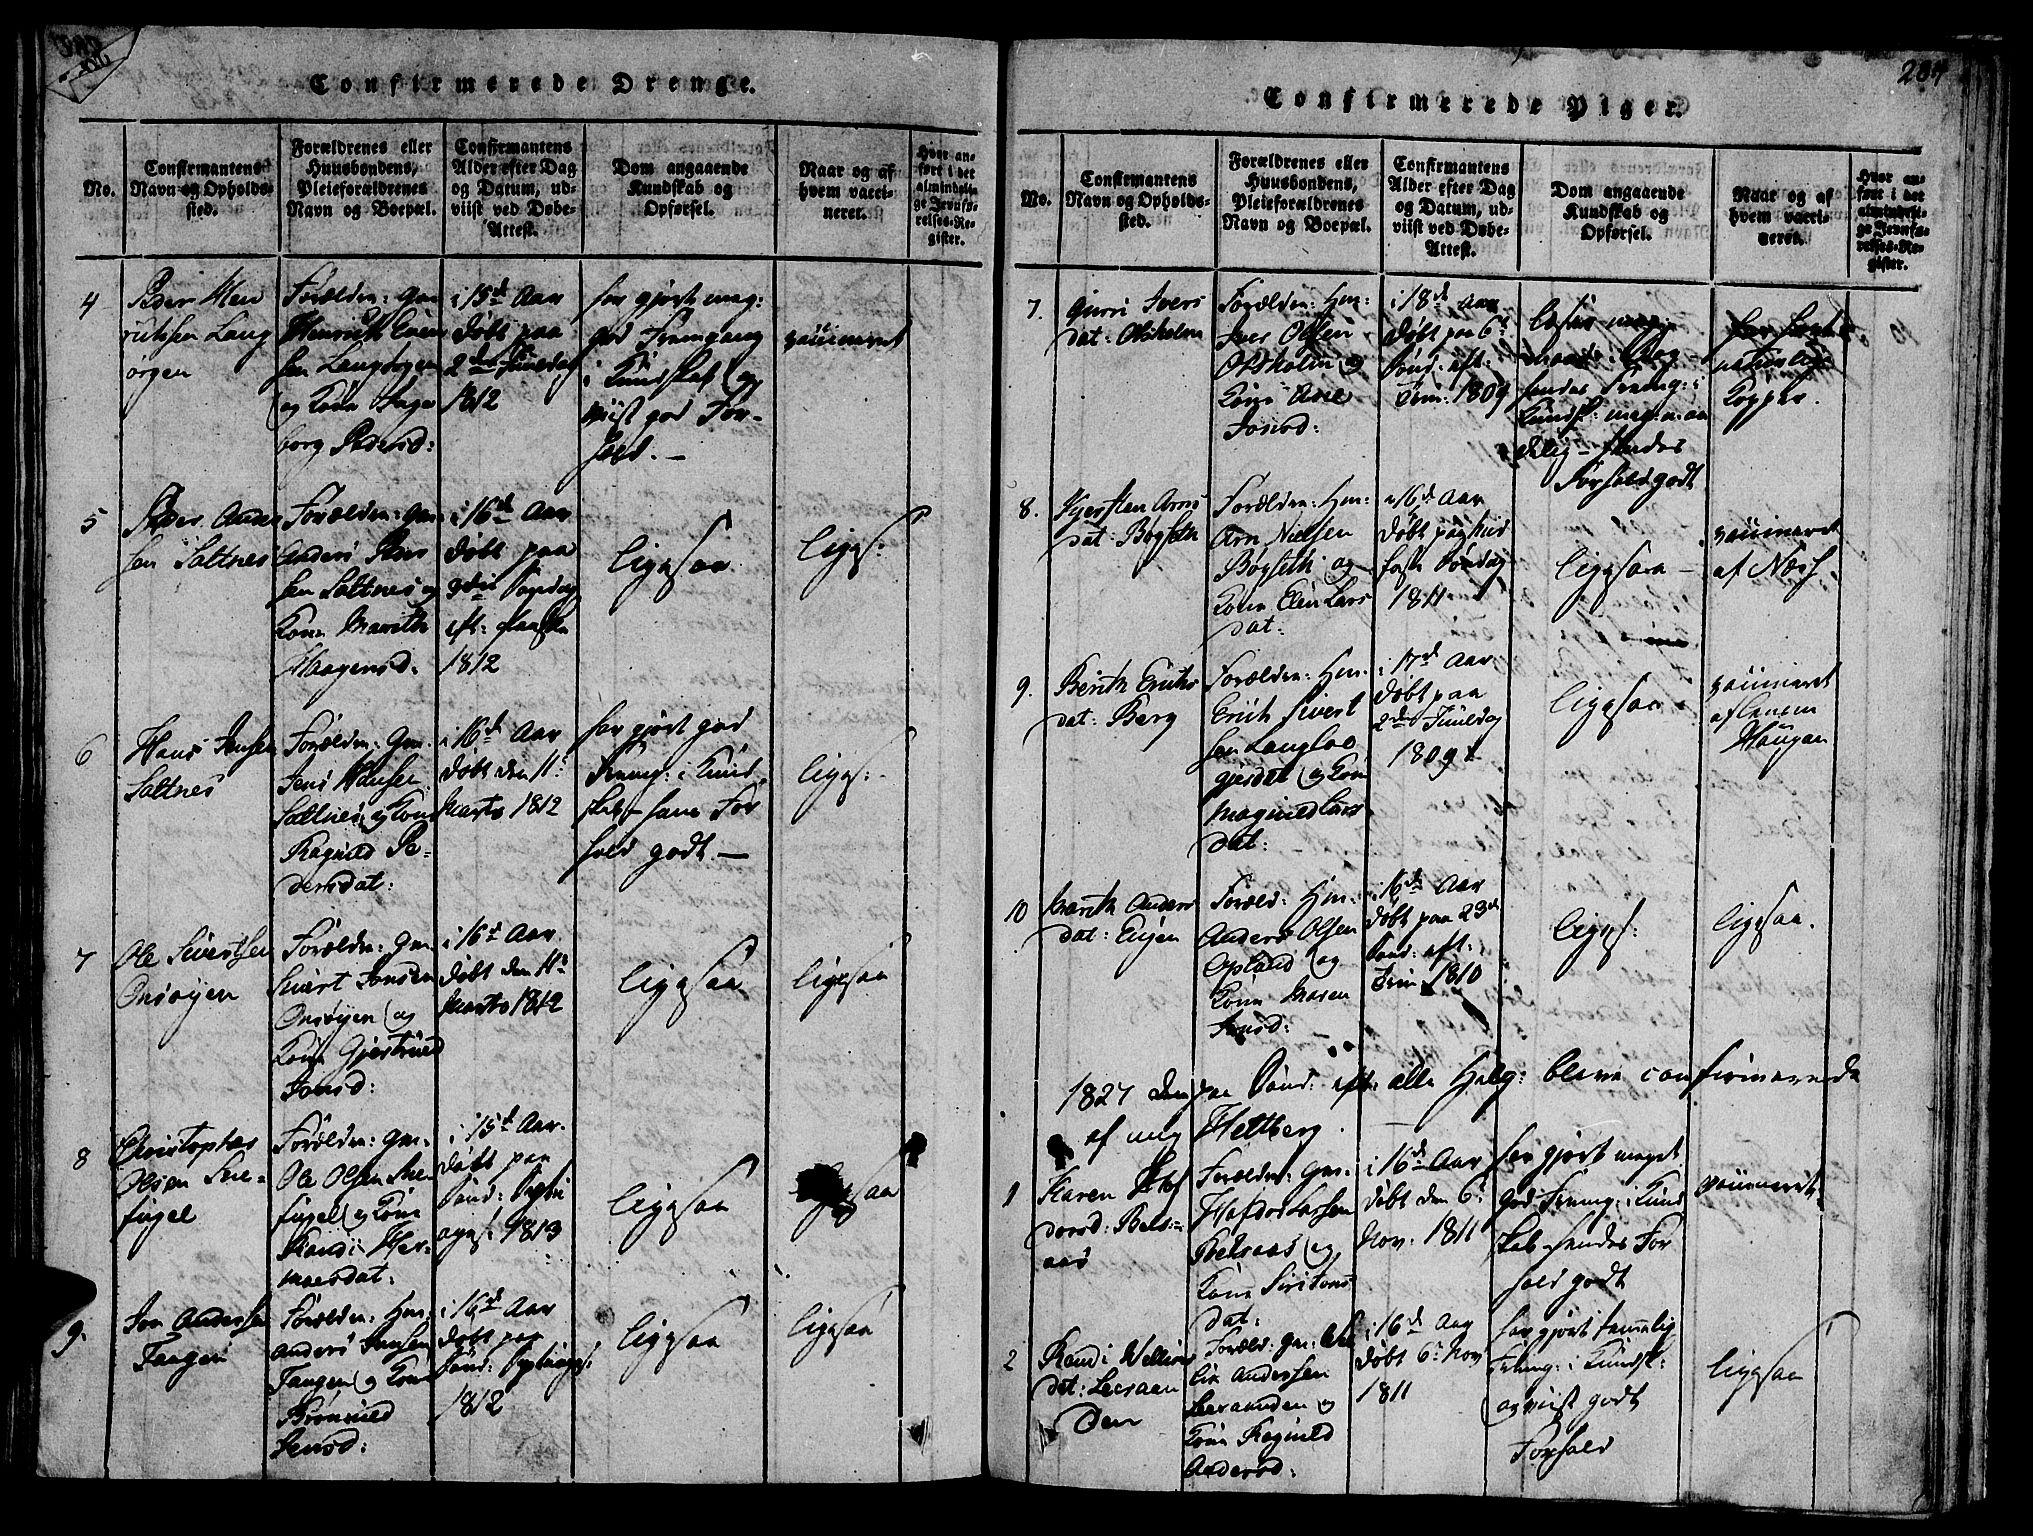 SAT, Ministerialprotokoller, klokkerbøker og fødselsregistre - Sør-Trøndelag, 612/L0373: Ministerialbok nr. 612A06 /2, 1816-1828, s. 284